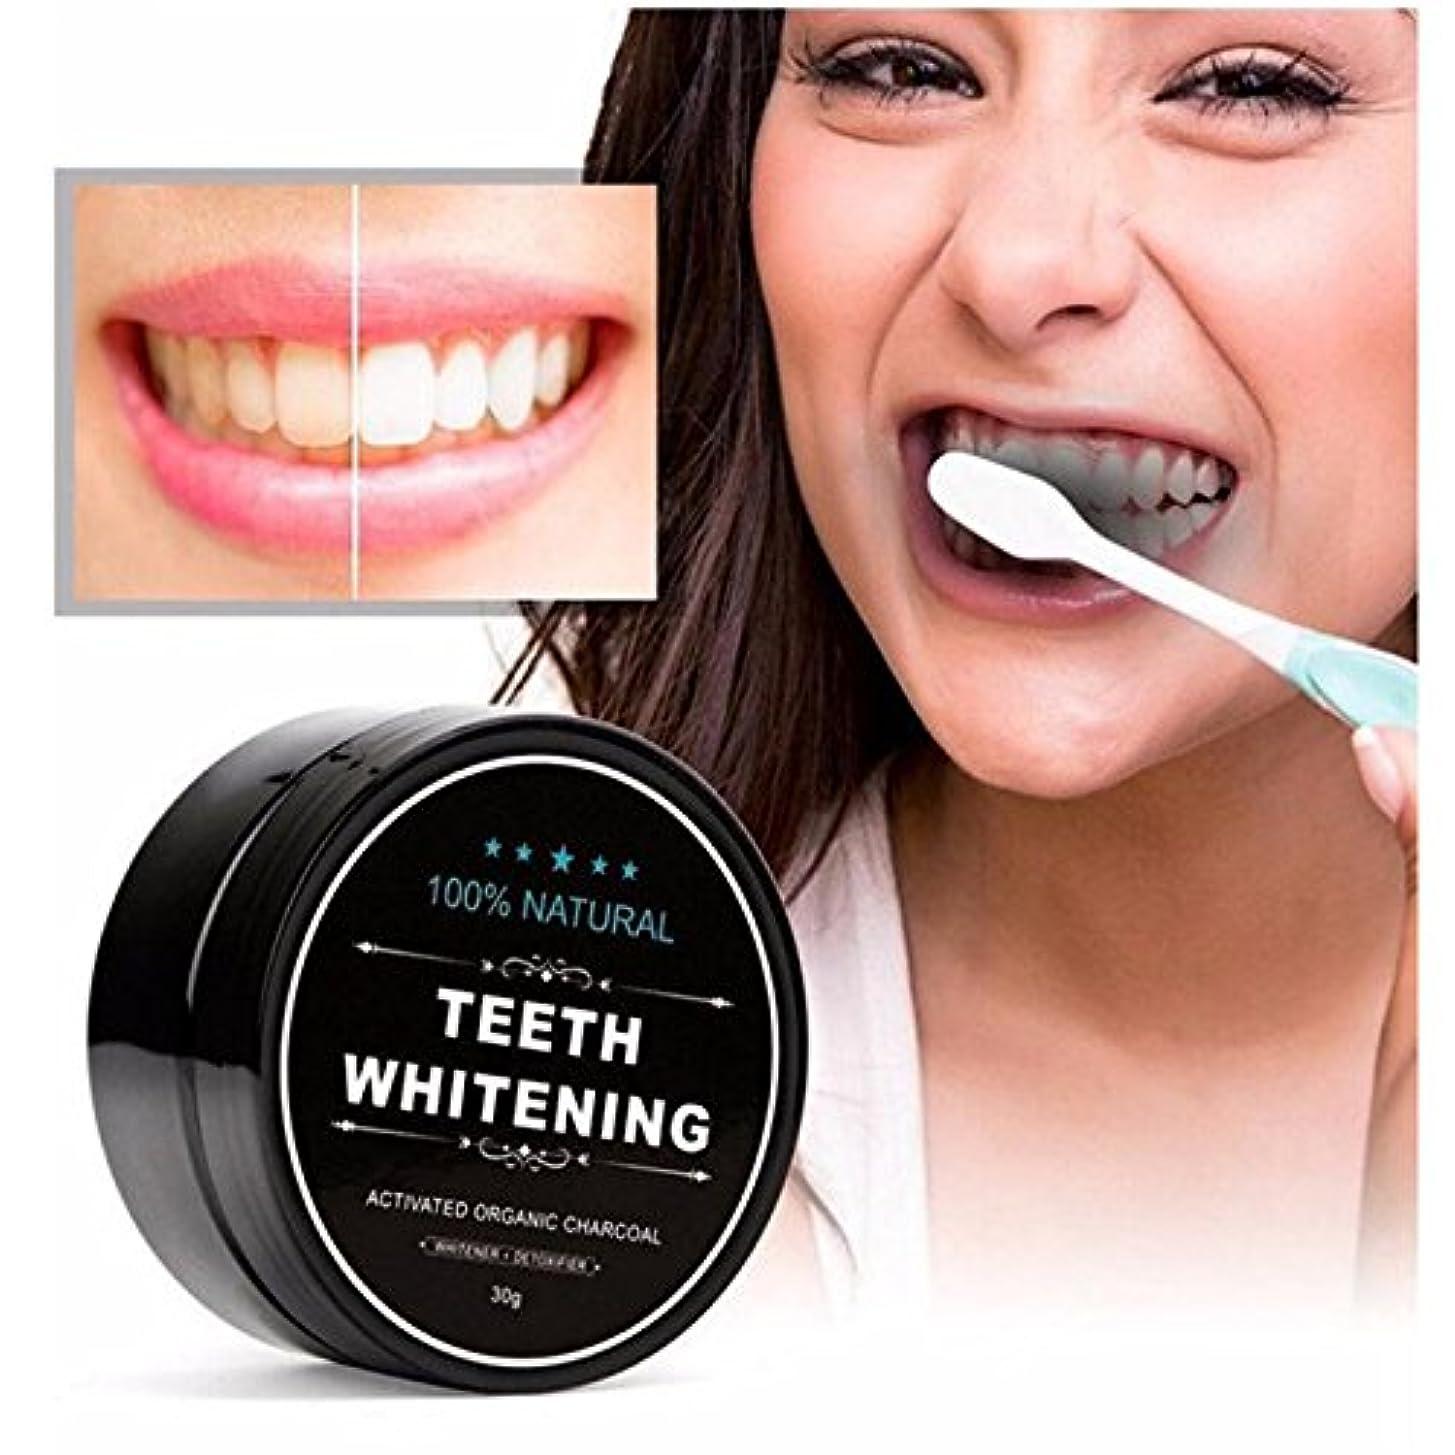 冊子無傷アラブサラボOral Dentistryチャコールホワイトニング 歯磨き粉 歯のホワイトニング 歯磨き剤 食べる活性炭 活性炭パウダー 竹炭 ブラック (2個)